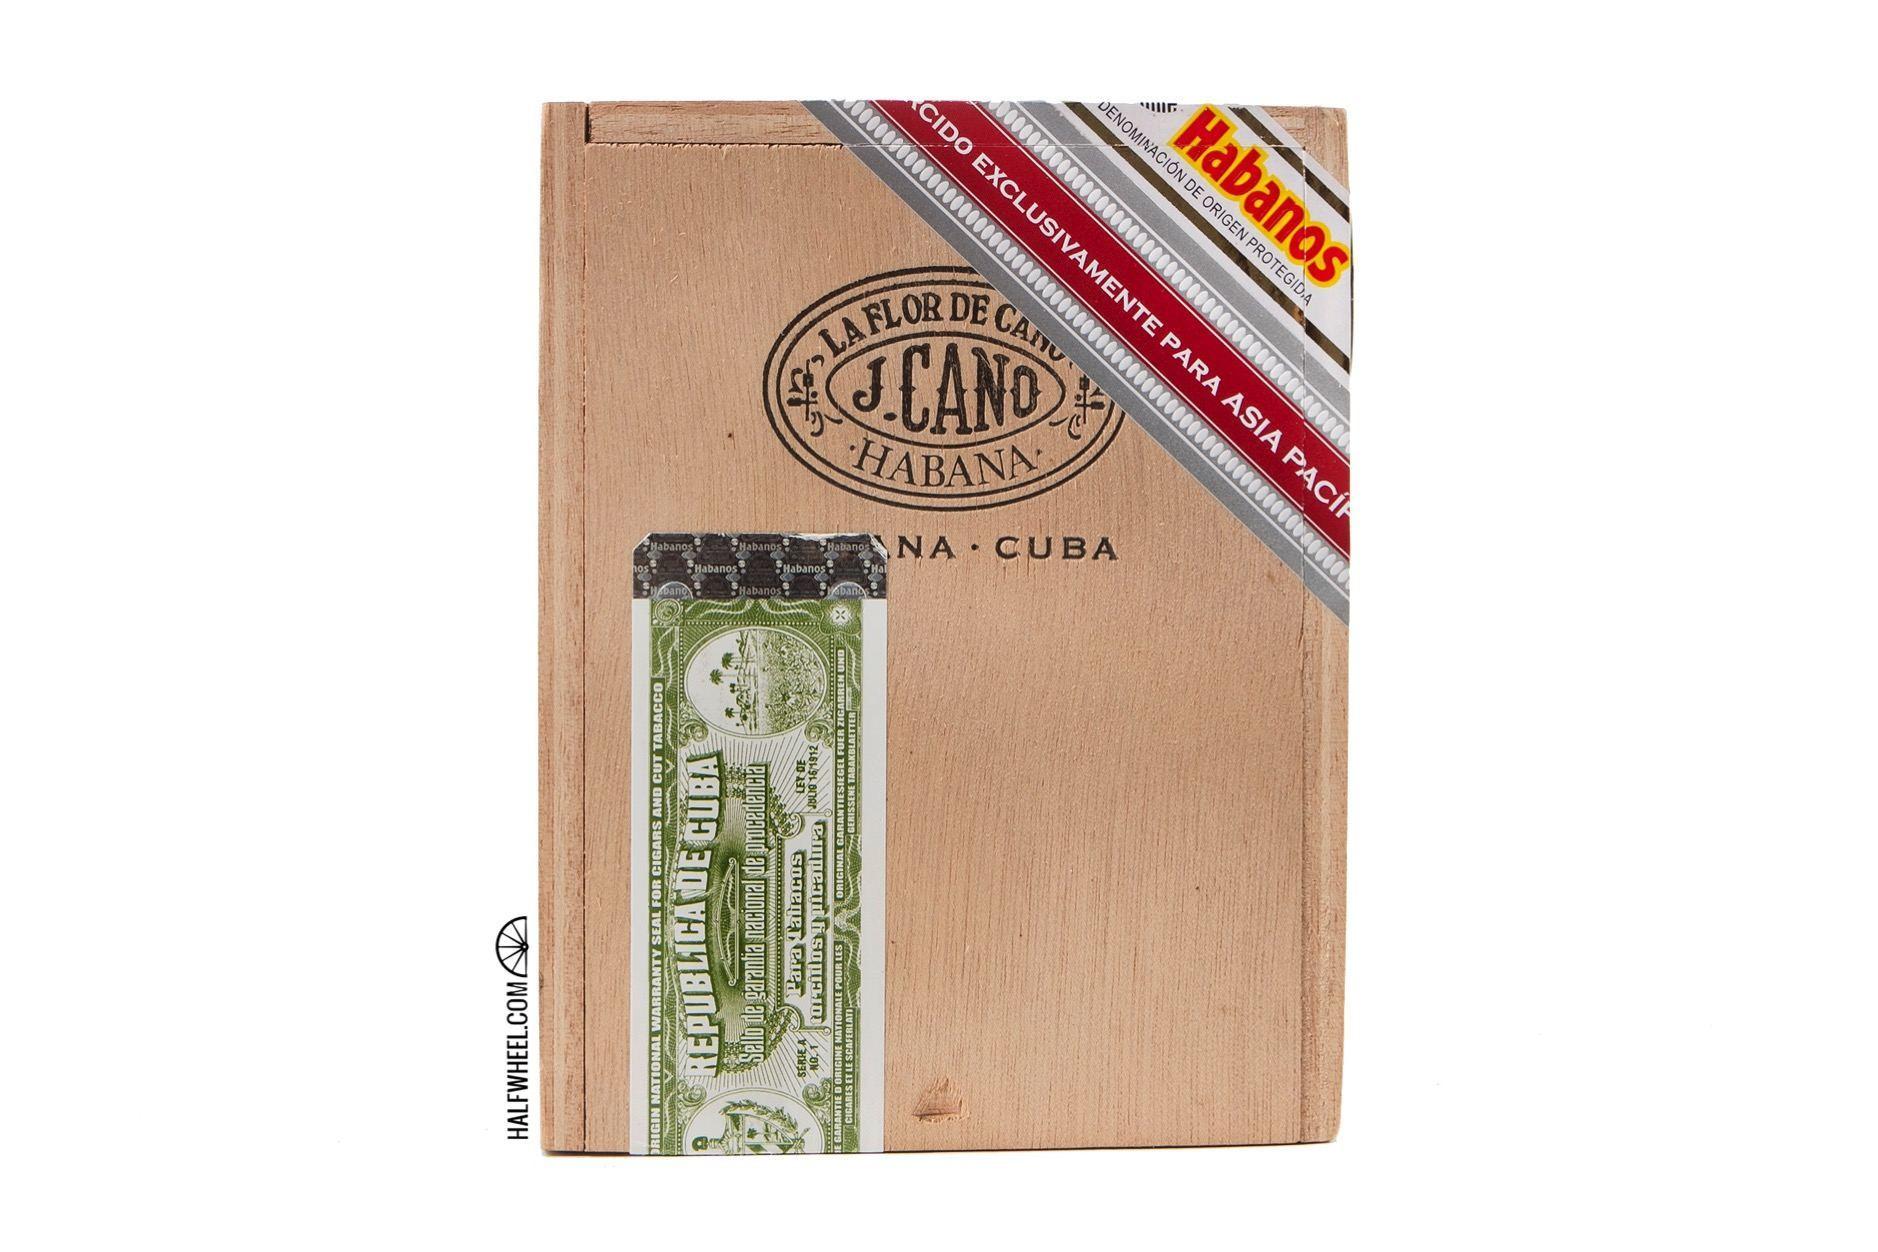 La Flor de Cano Grandiosos Edicion Regional Asia Pacifico Box 1